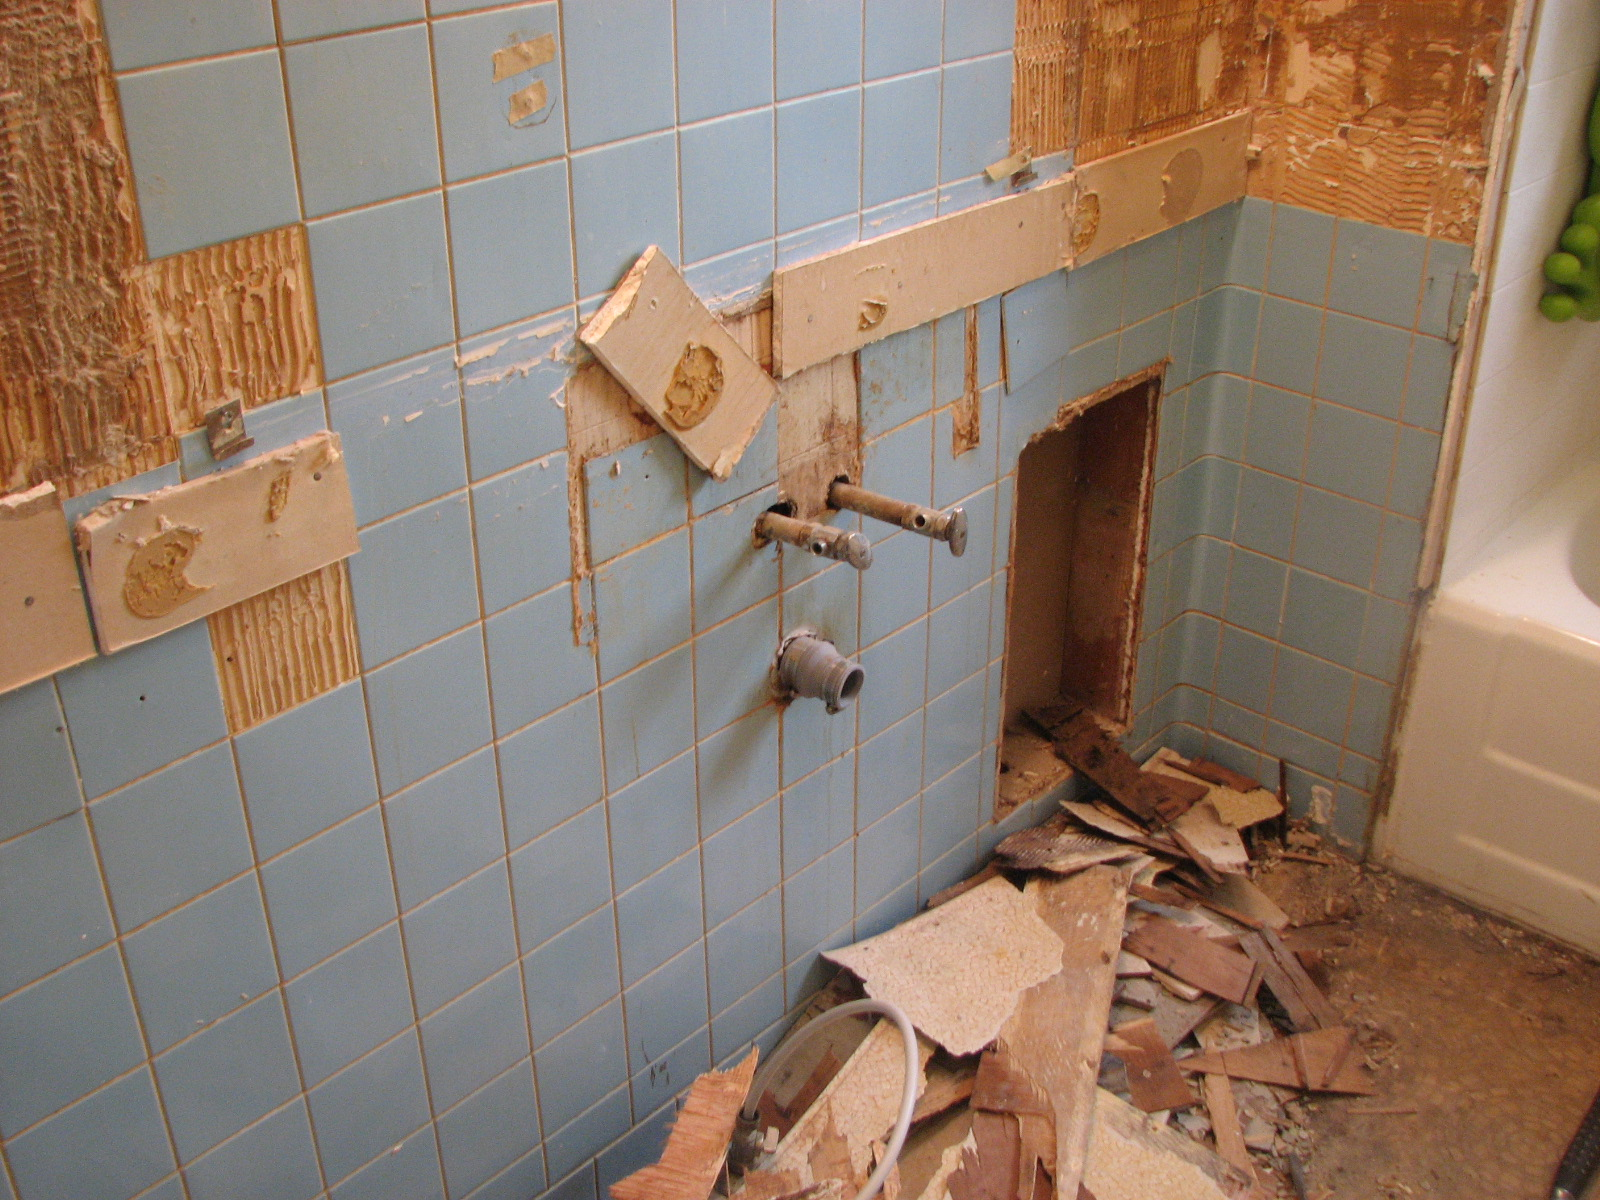 Cabinet gone ... good riddance!